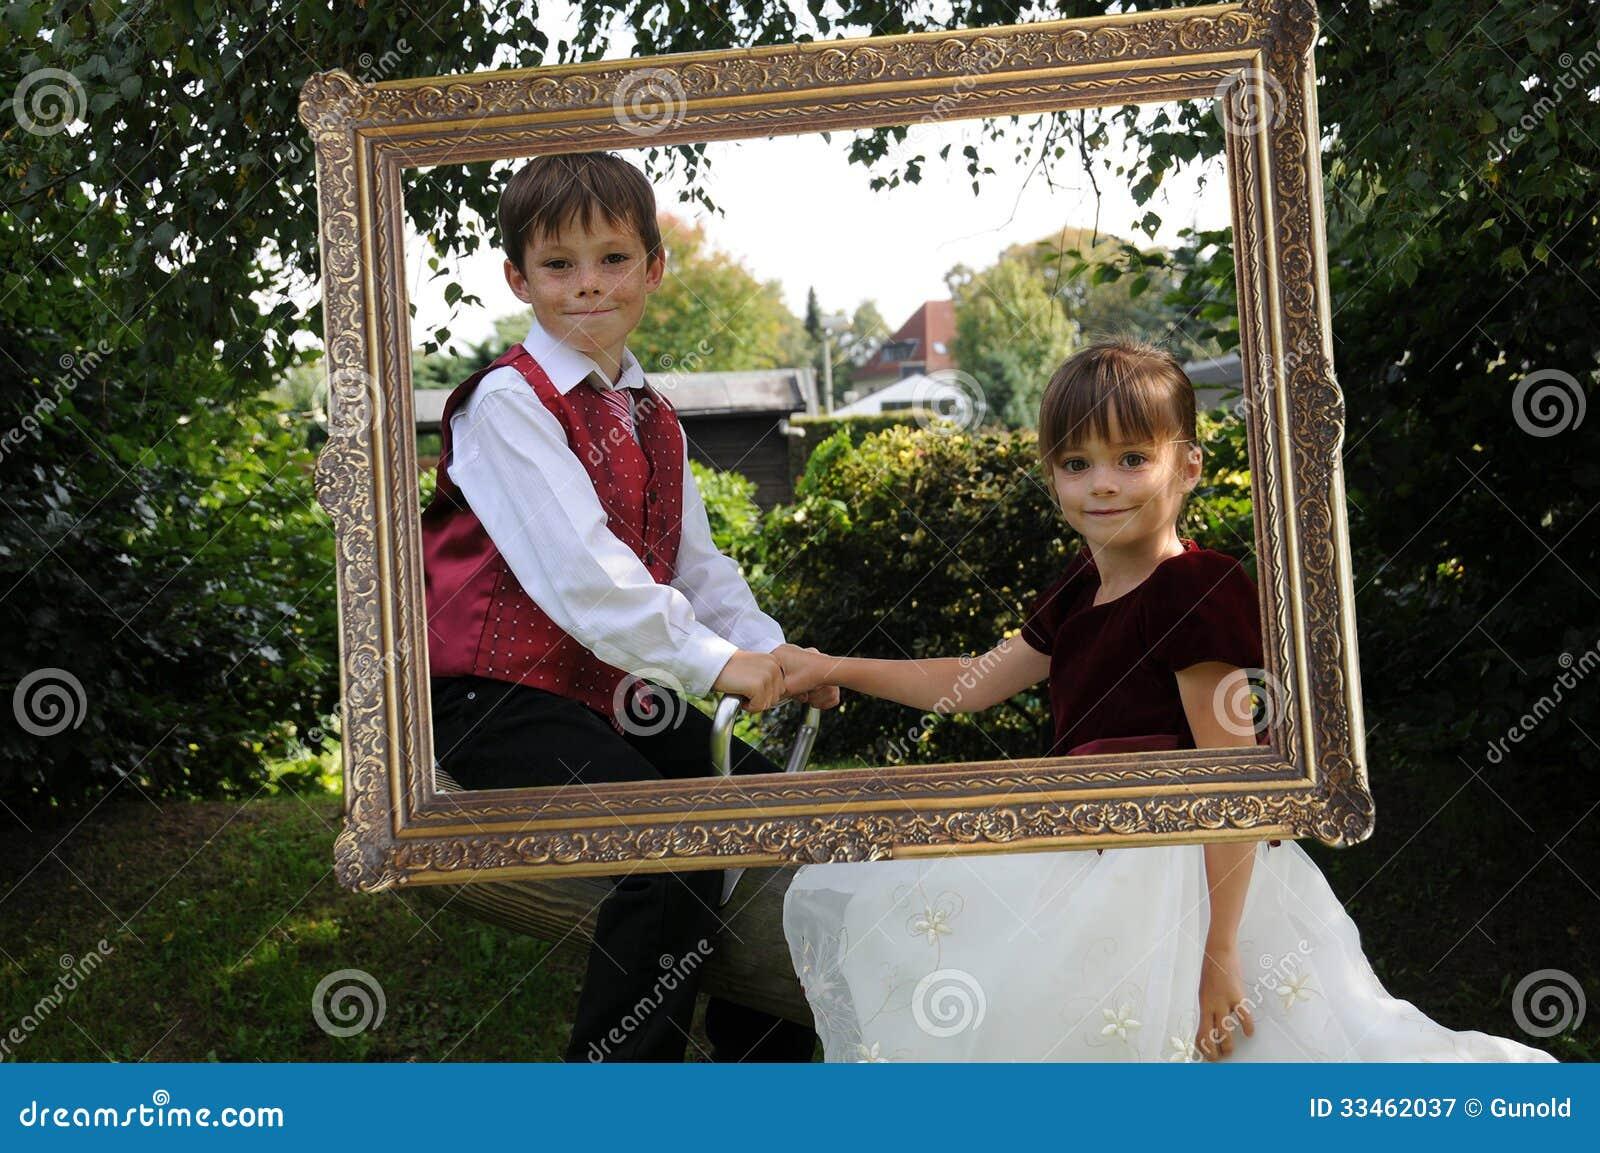 prinz und prinzessin stockbild bild von abbildung golden